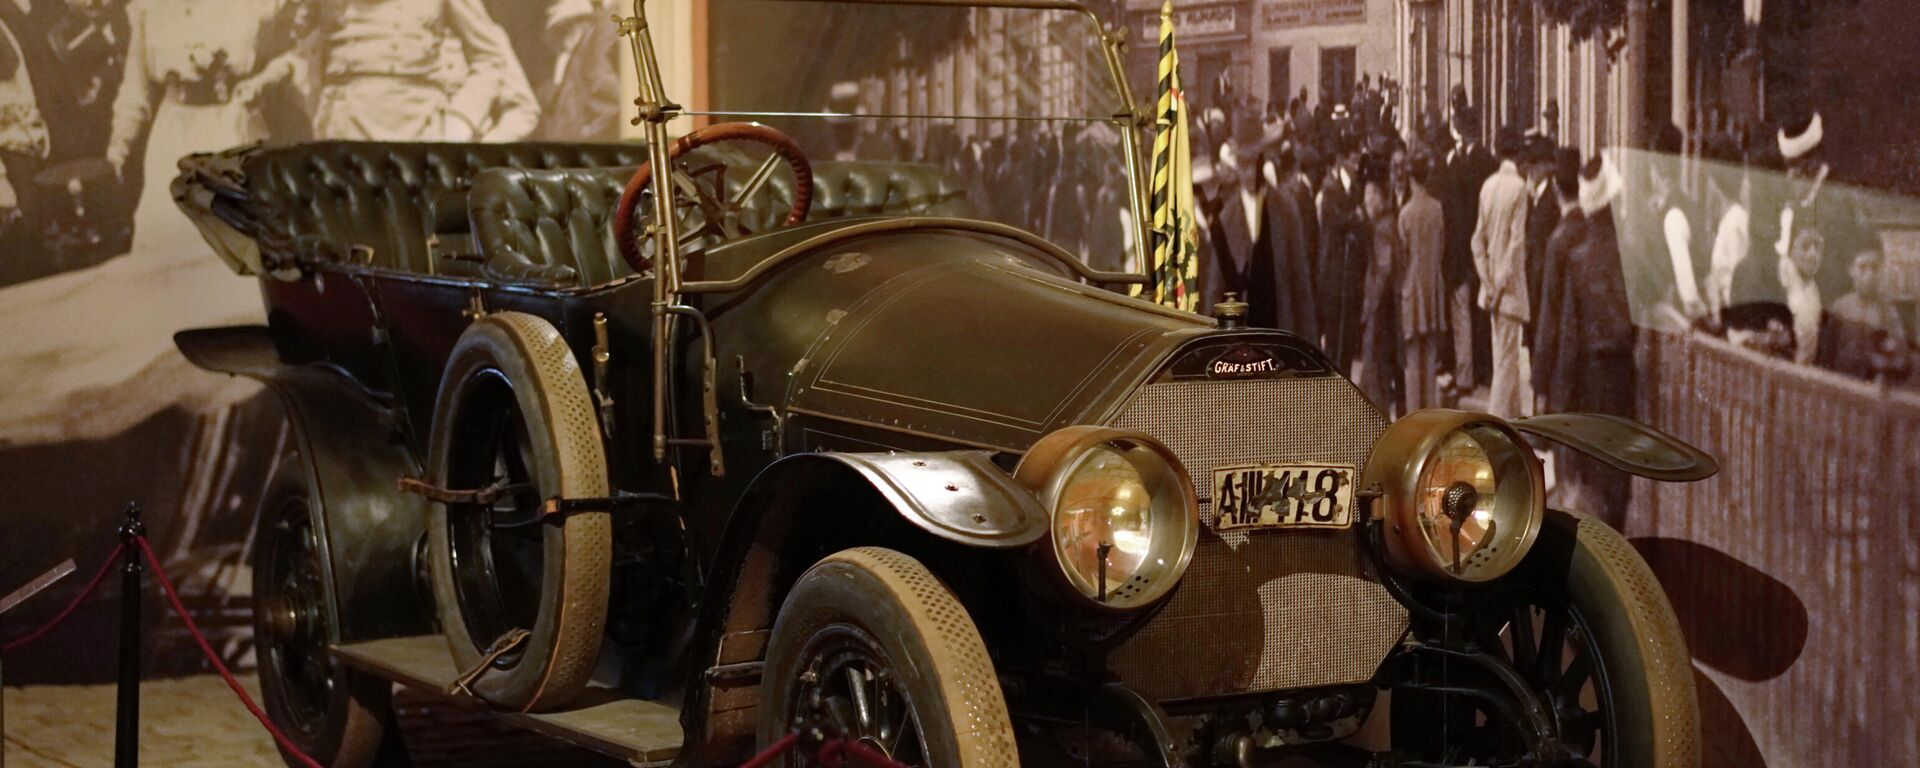 Das Auto ausgestellt, in dem Thronfolger Franz Ferdinand und seine Frau 1914 in Sarajewo erschossen wurden (Archiv) - SNA, 1920, 01.02.2021